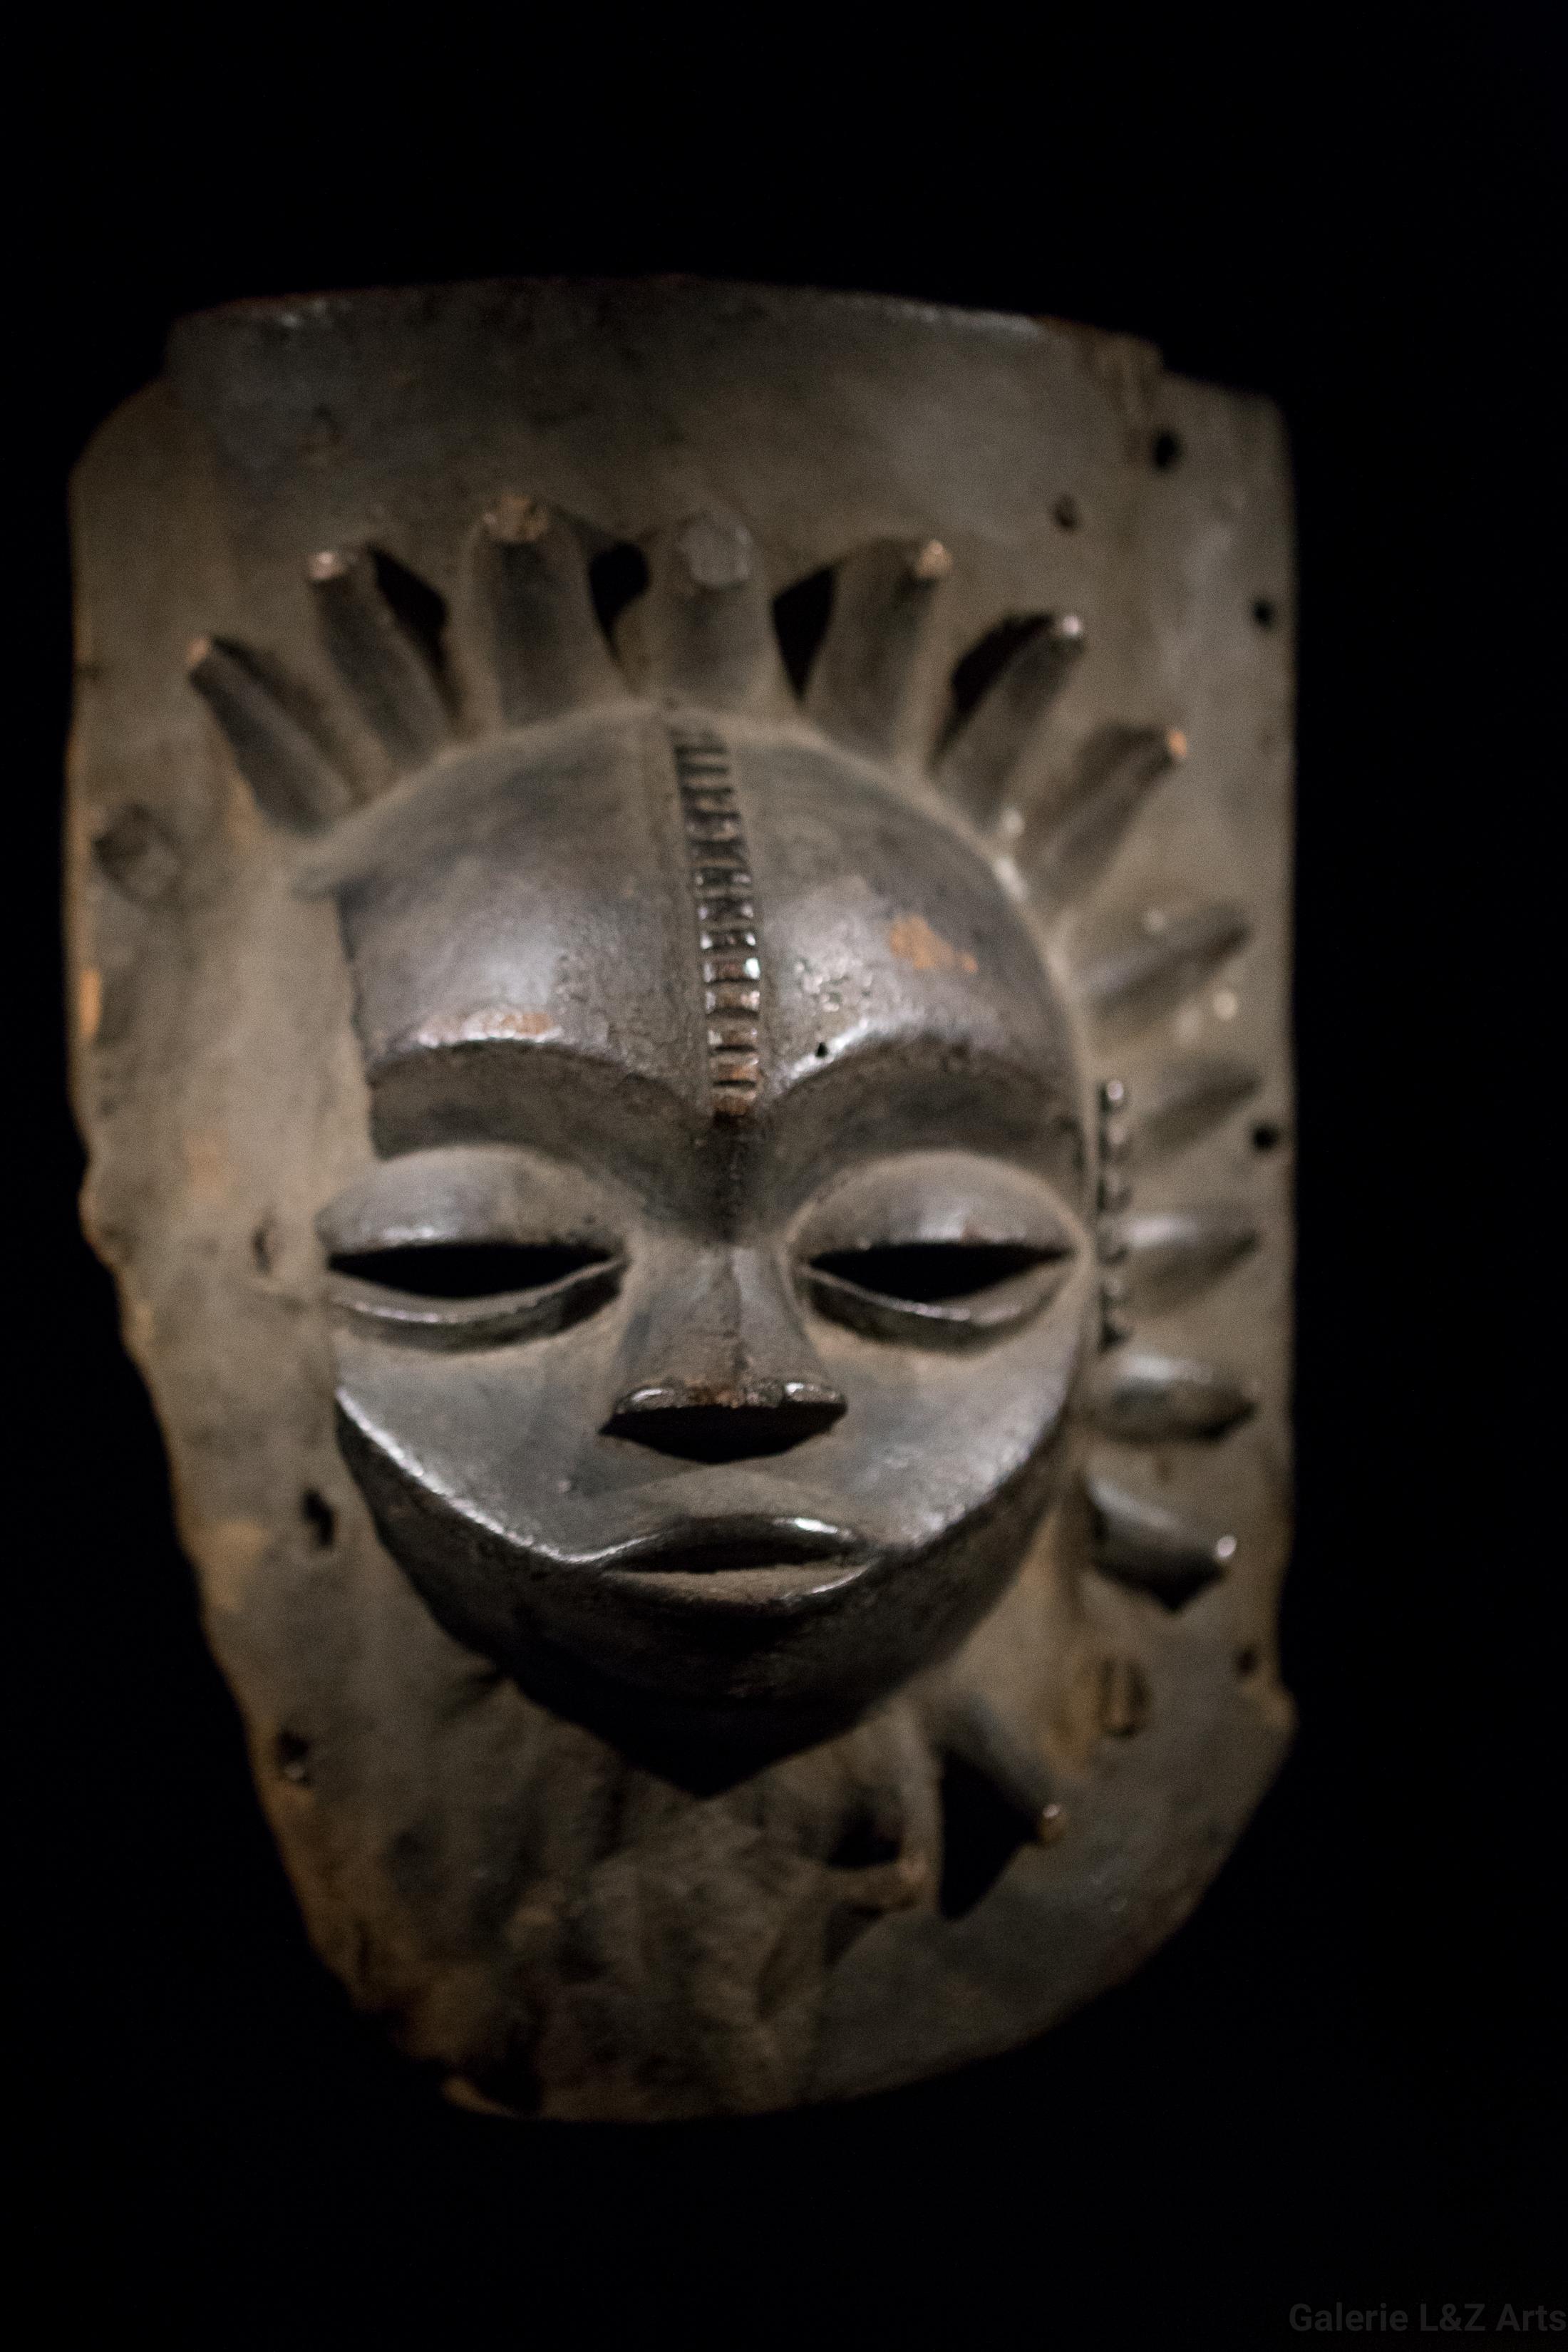 exposition-masque-art-tribal-africain-musee-quai-branly-belgique-galerie-lz-arts-liege-cite-miroir-oceanie-asie-japon-amerique-art-premier-nepal-9.jpg